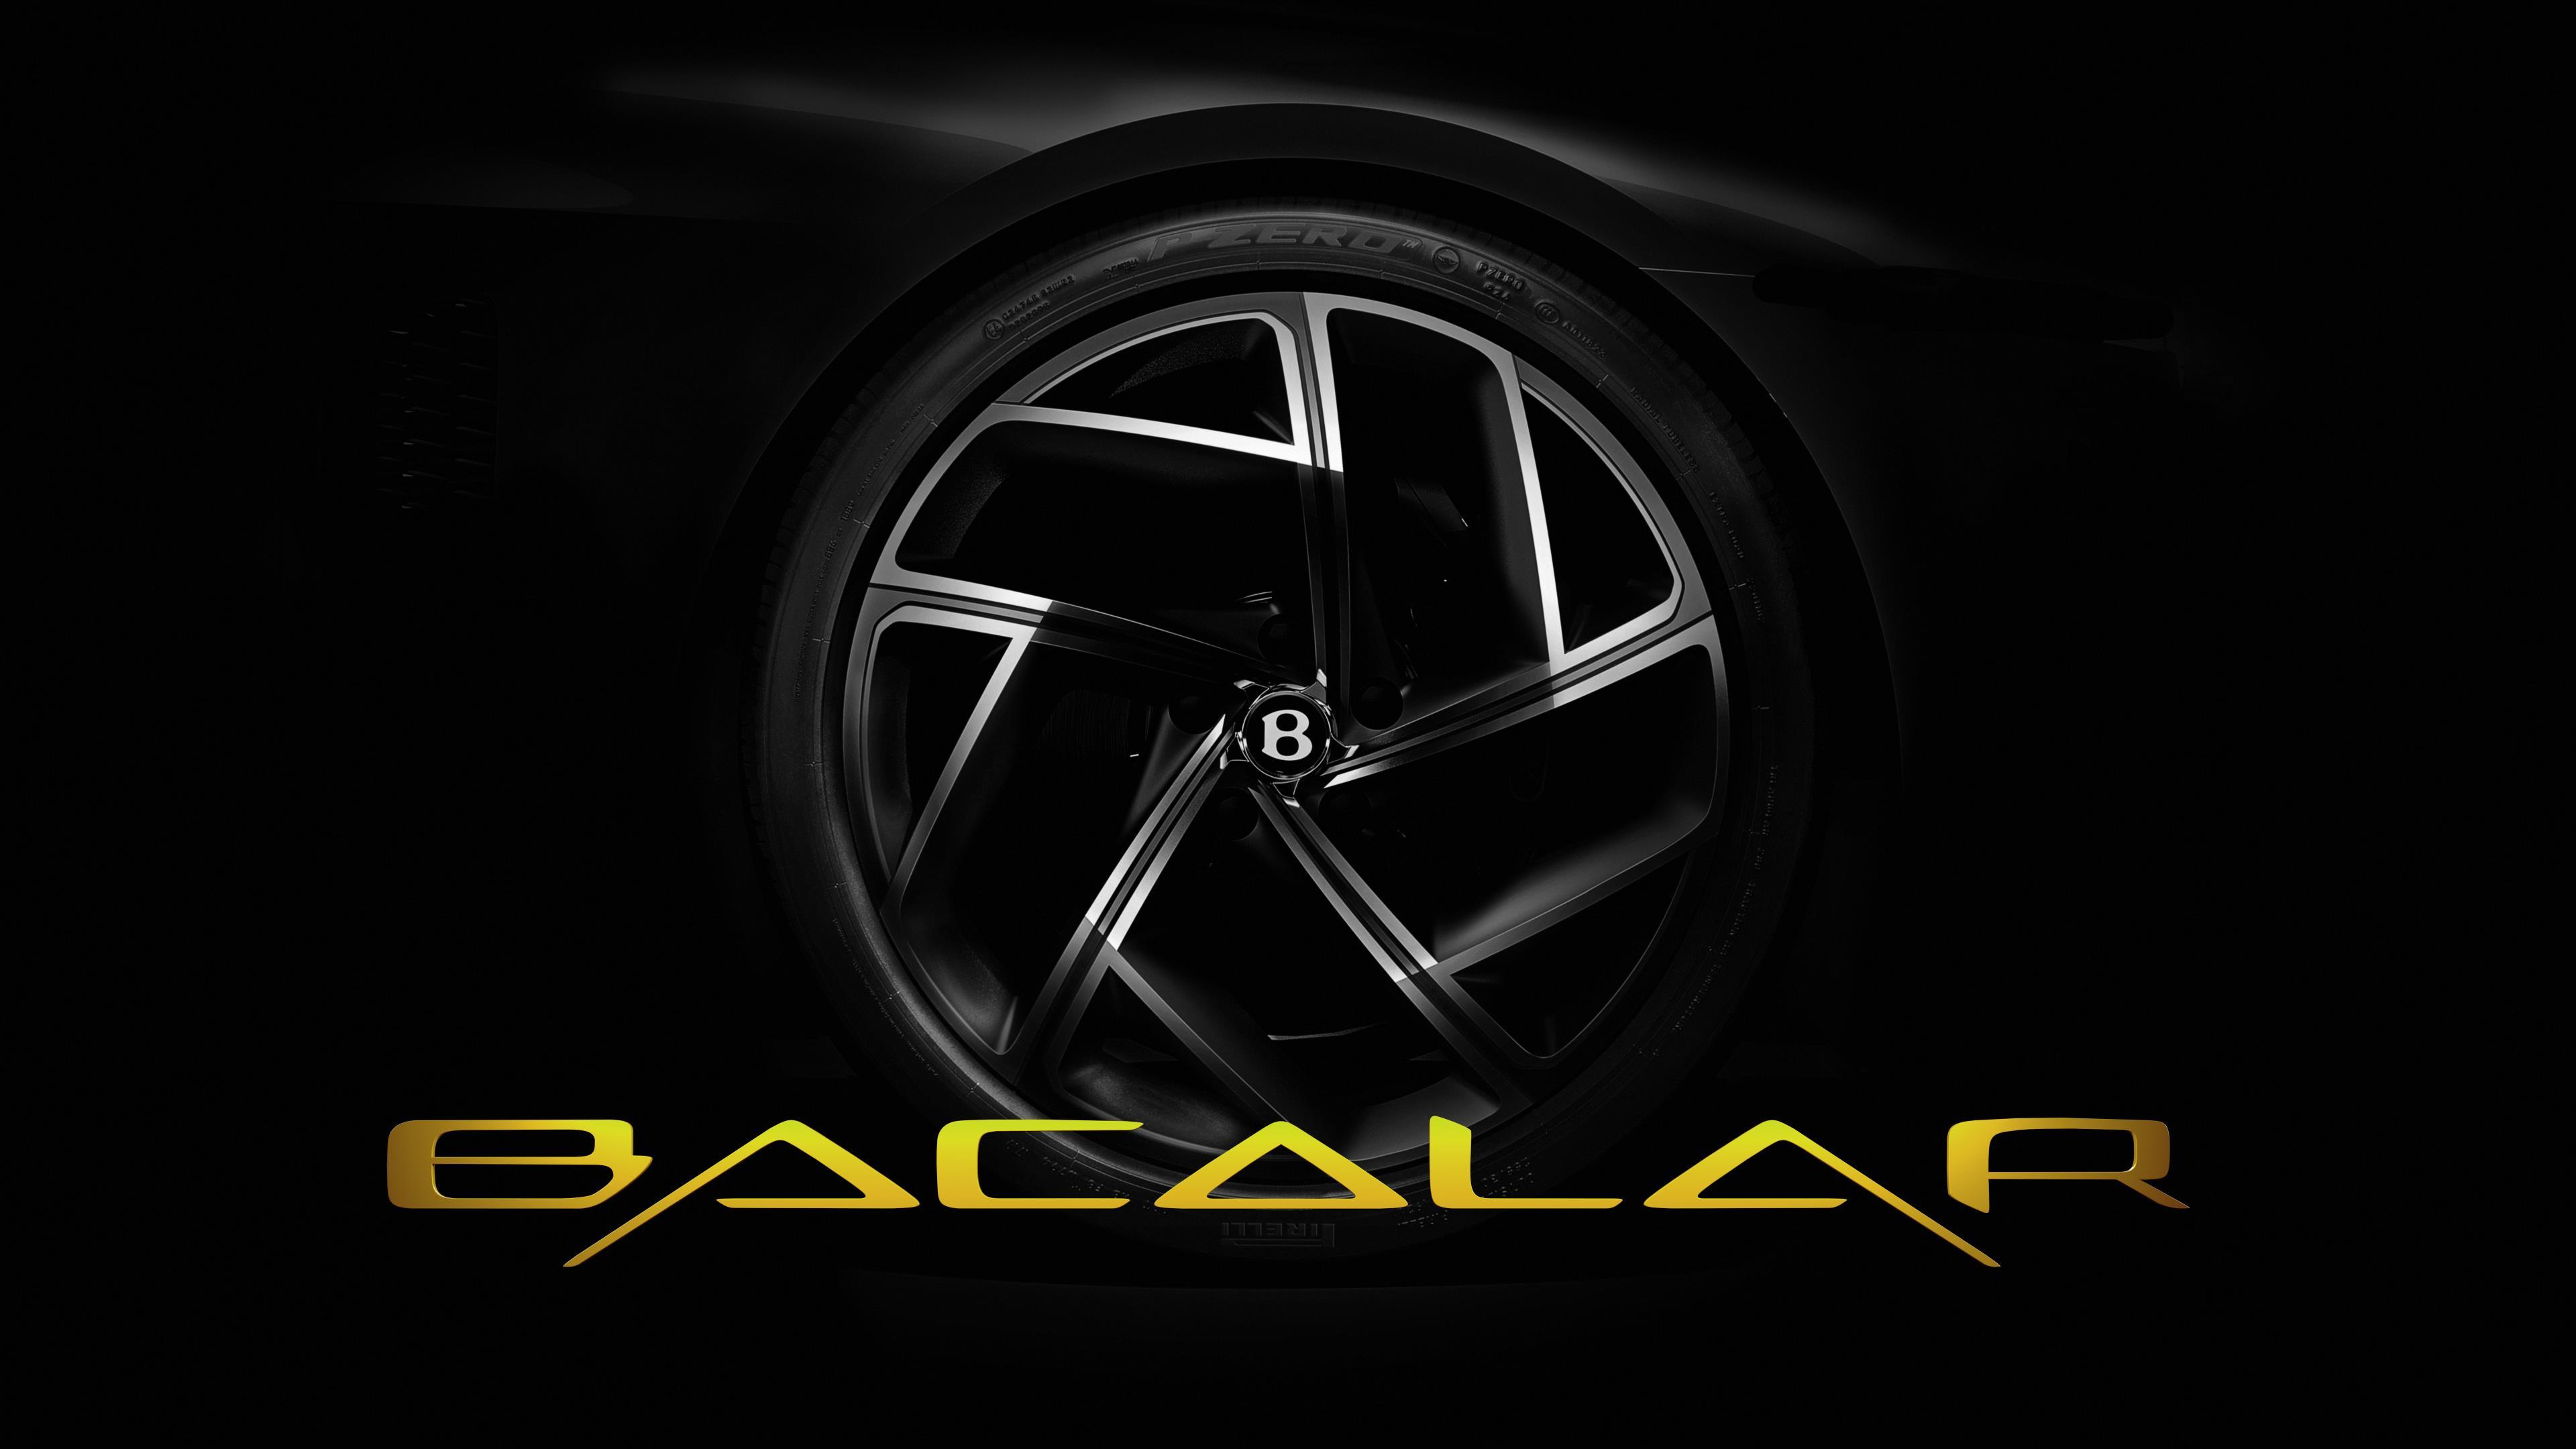 Bentley Bacalar: Geneva 2020 Surprise from Mulliner